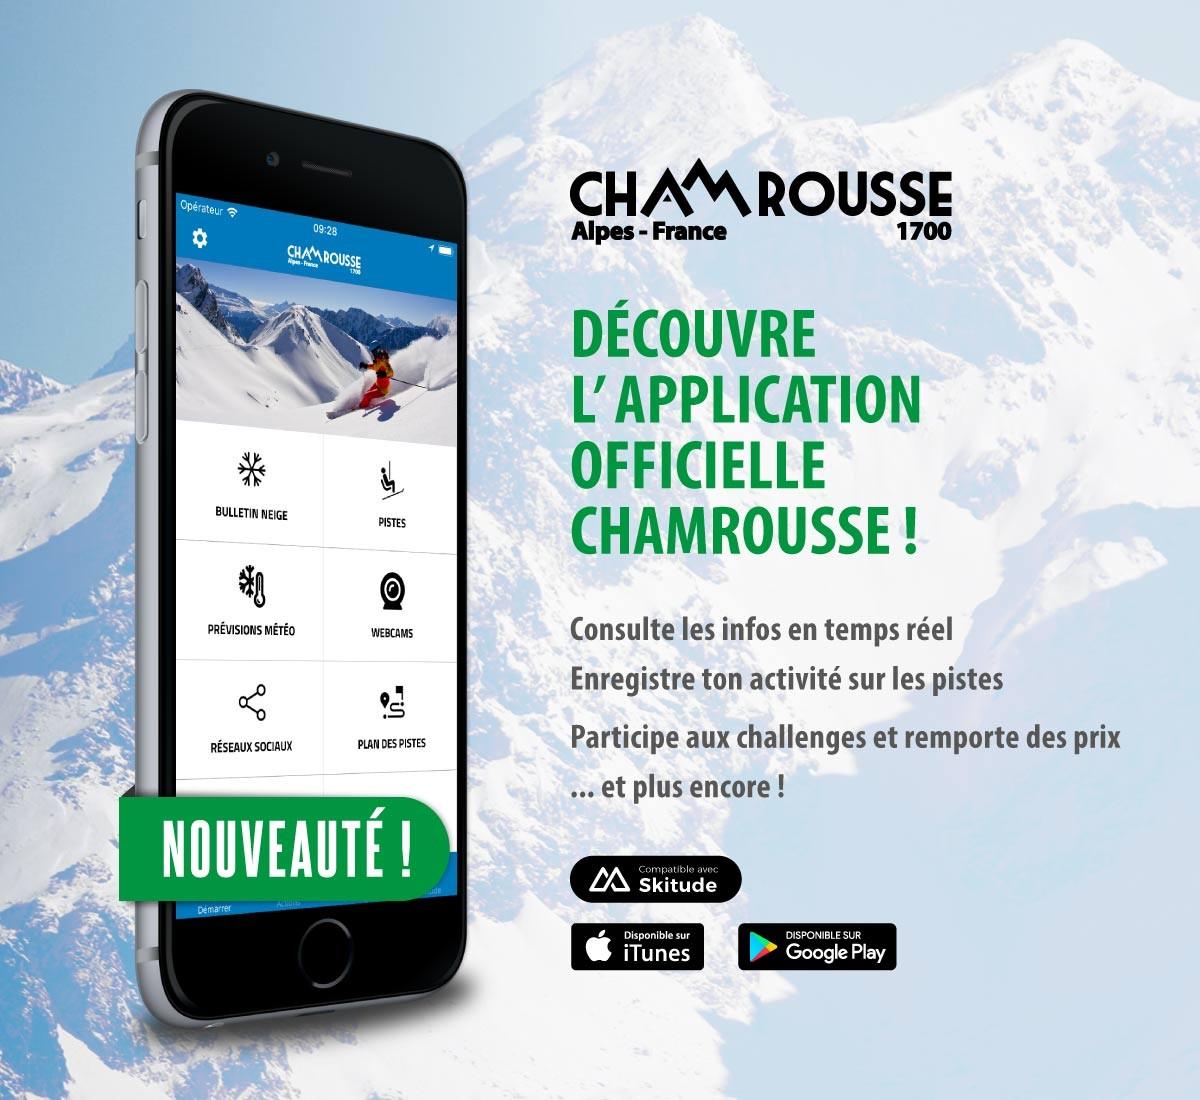 Application Chamrousse